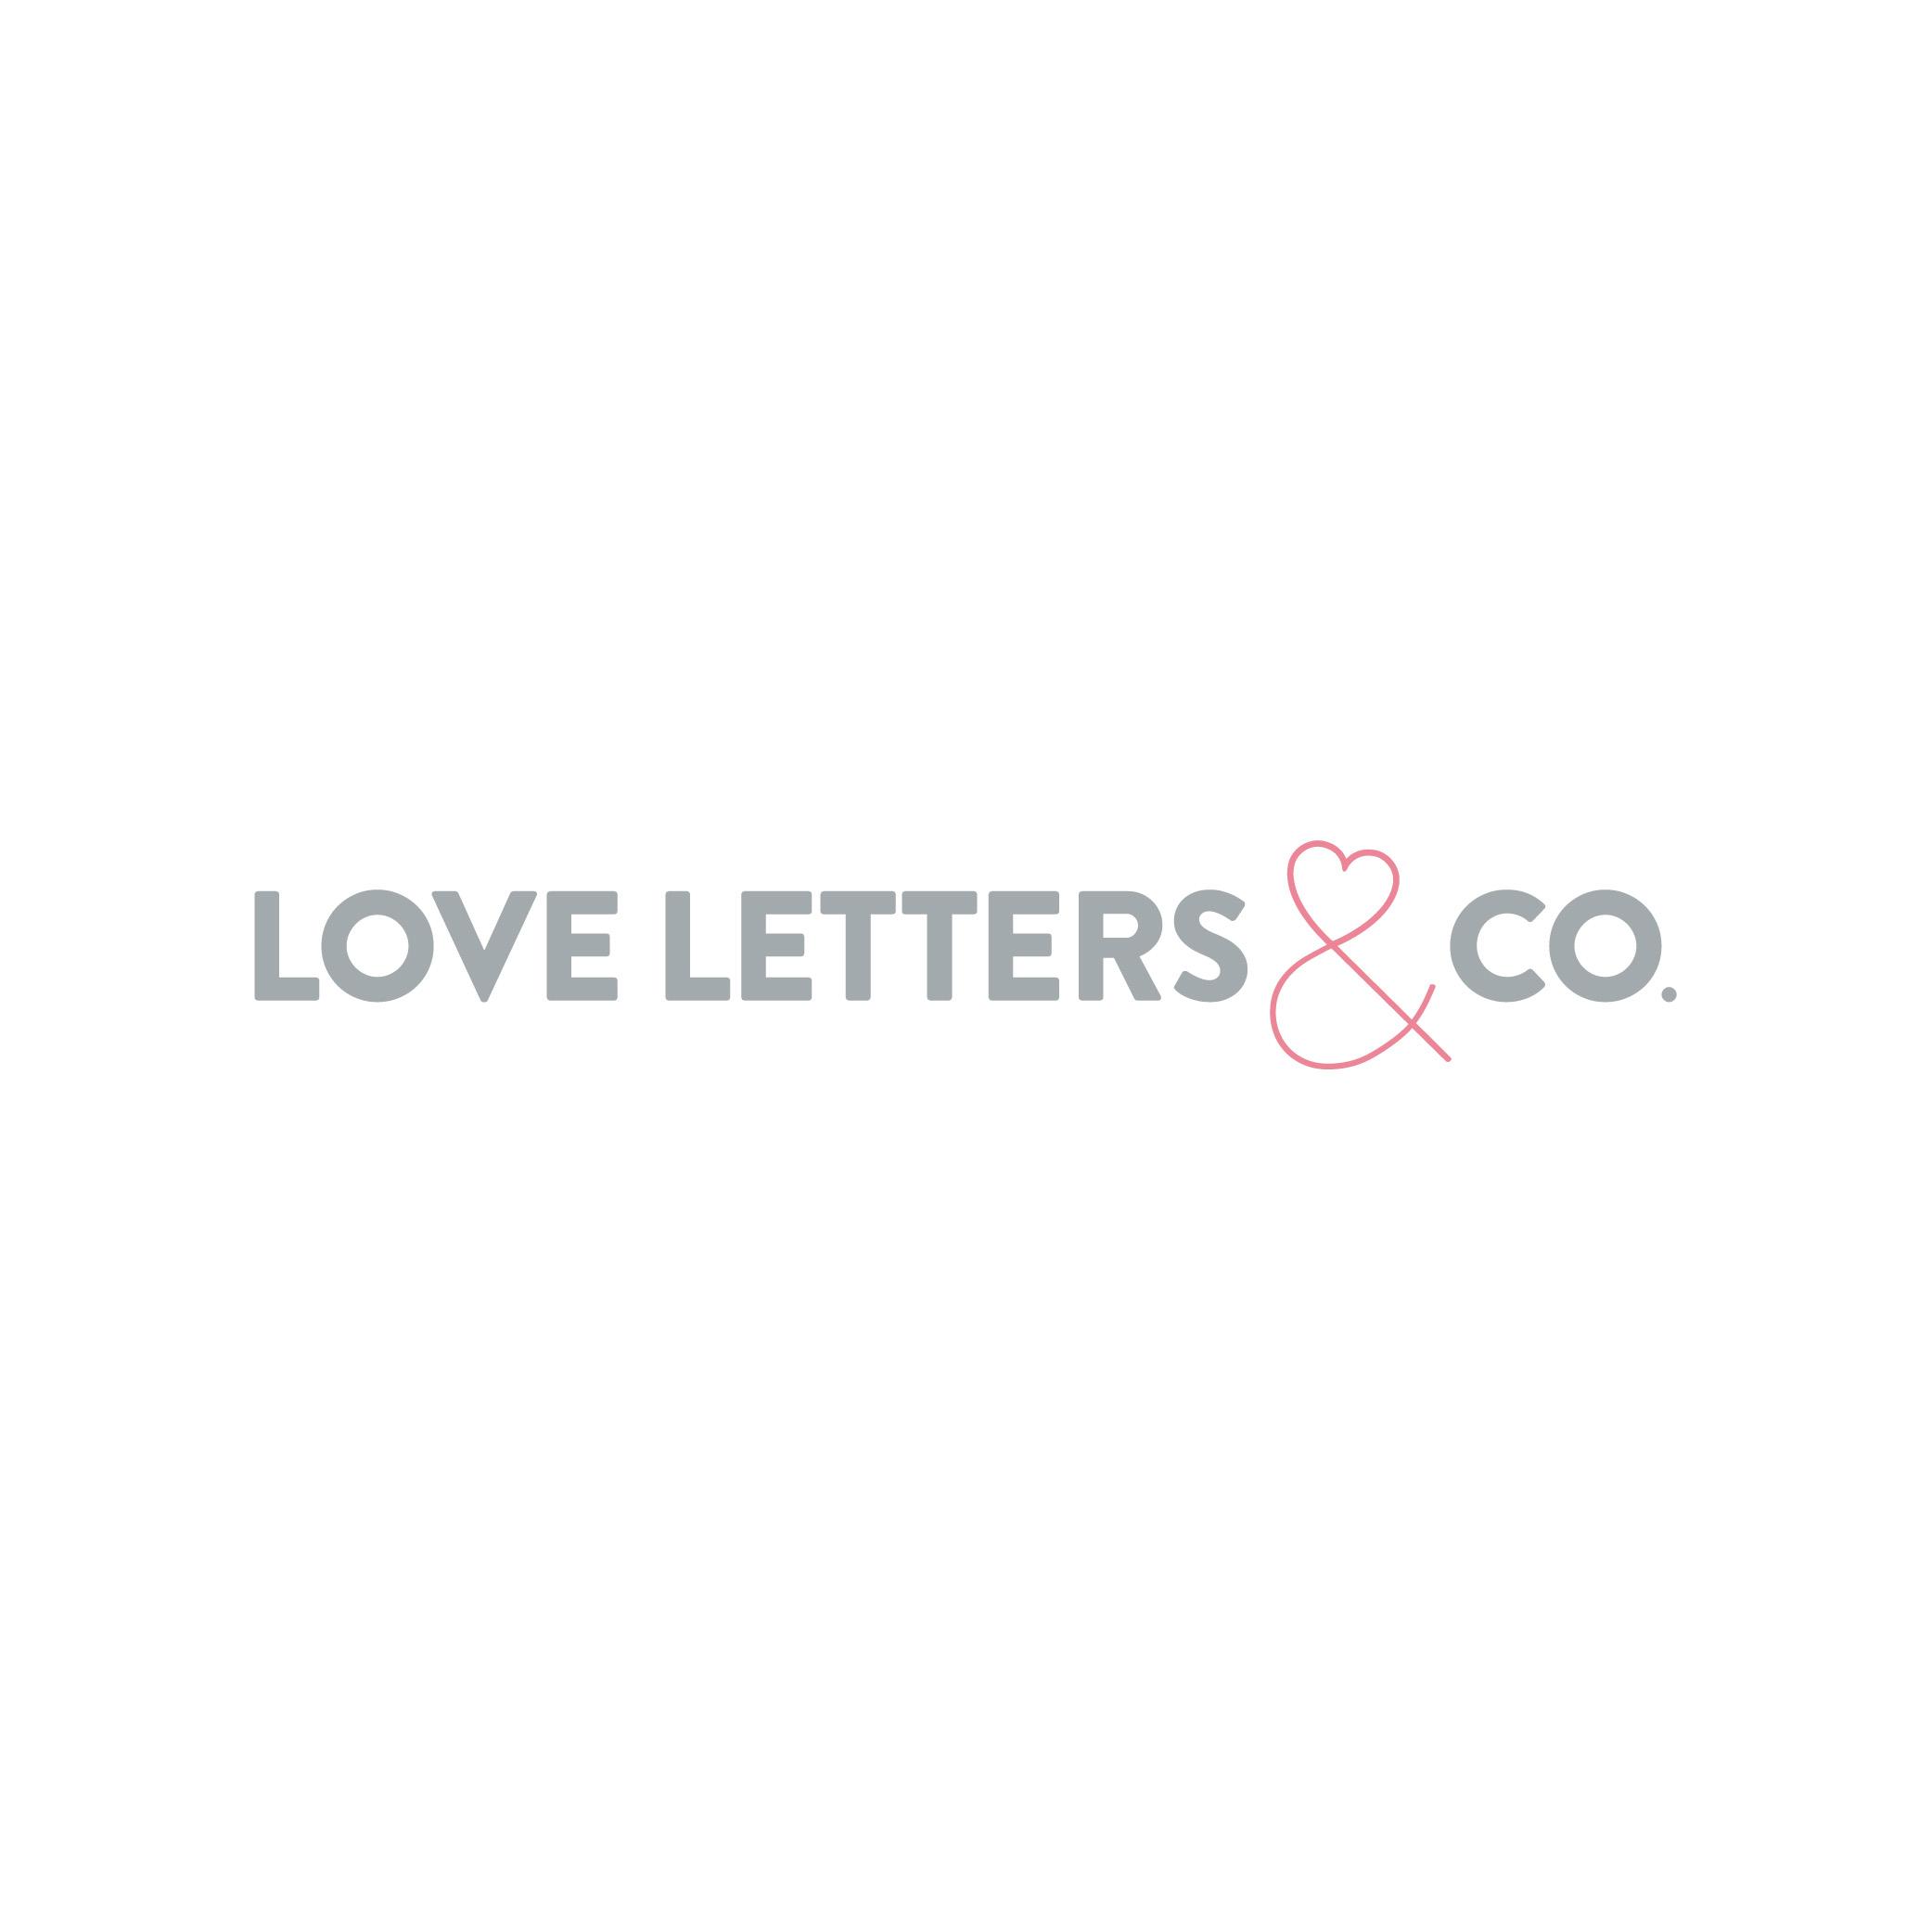 loveletters&co.jpg